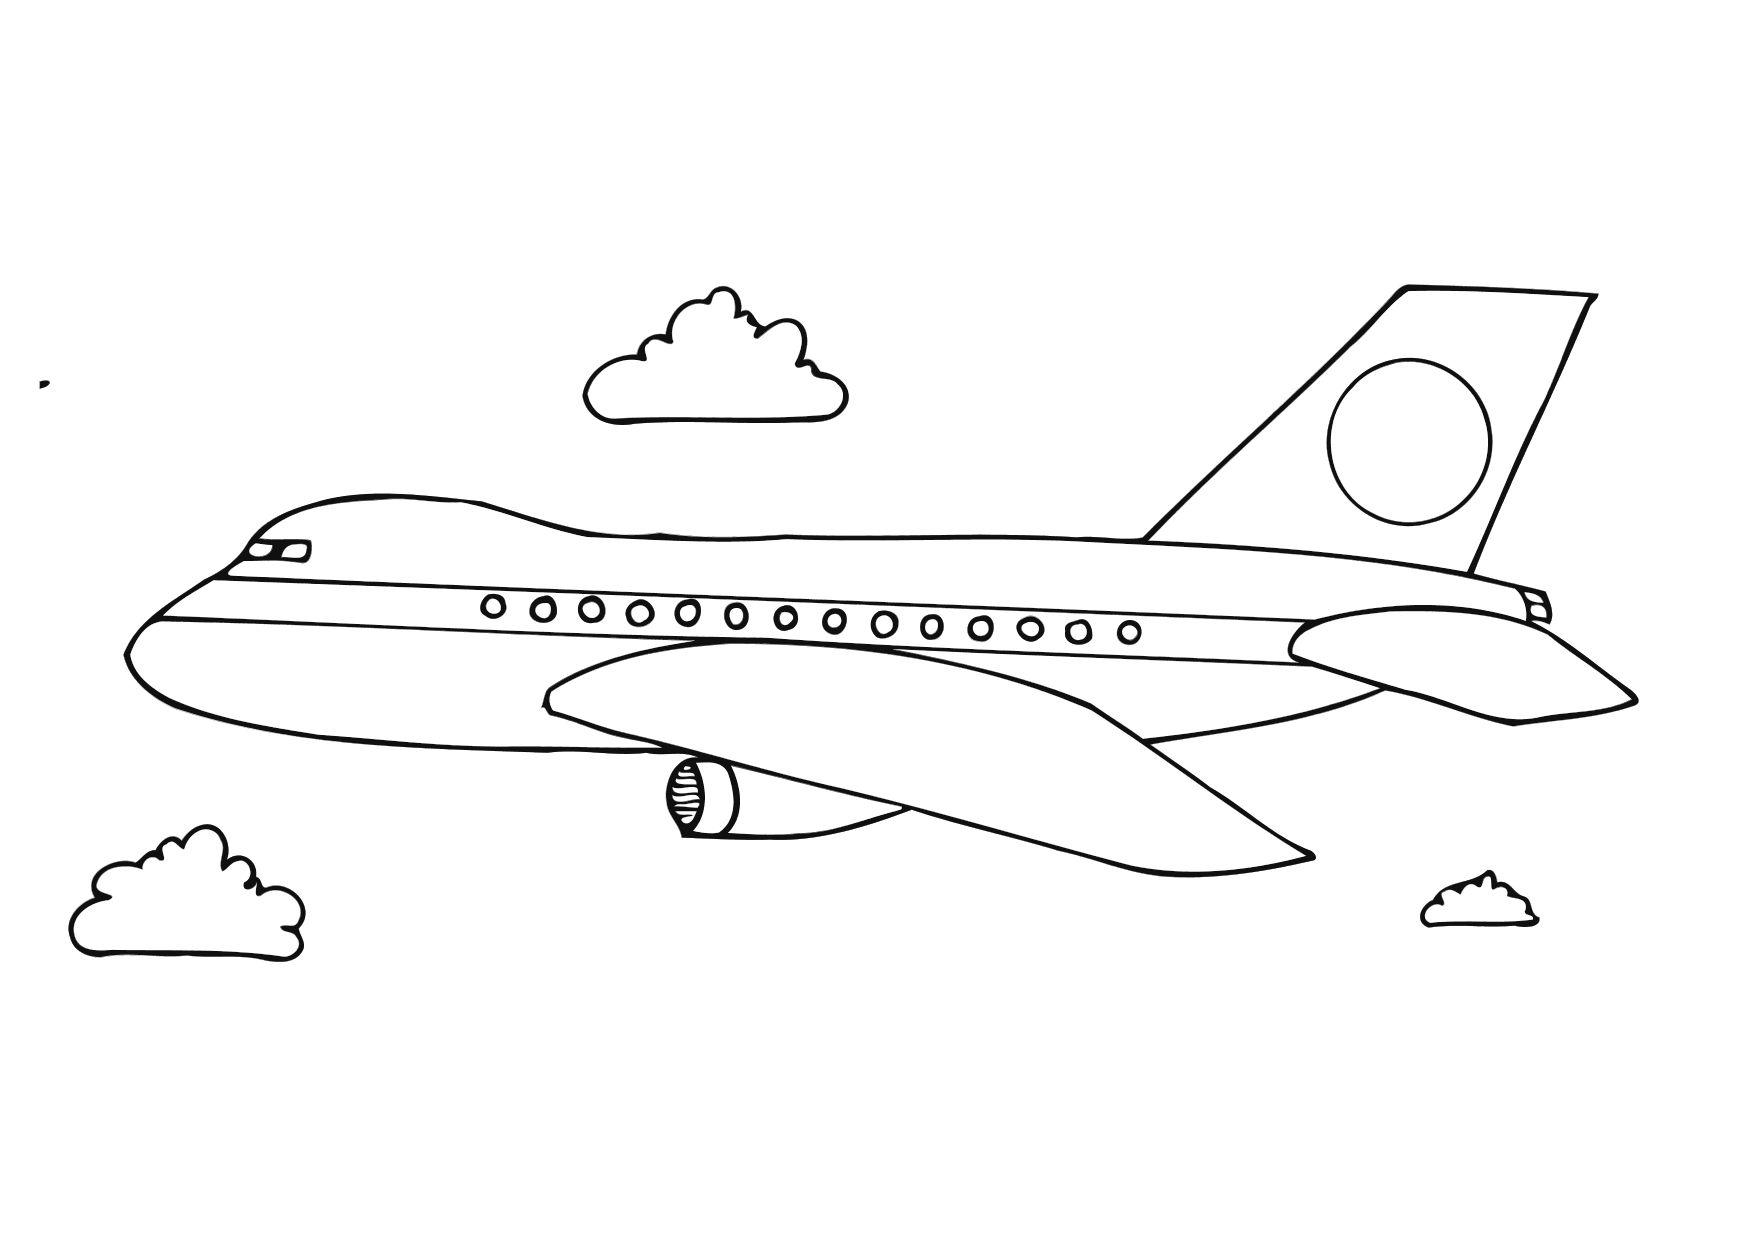 Dibujo Para Colorear Avión Img 12281